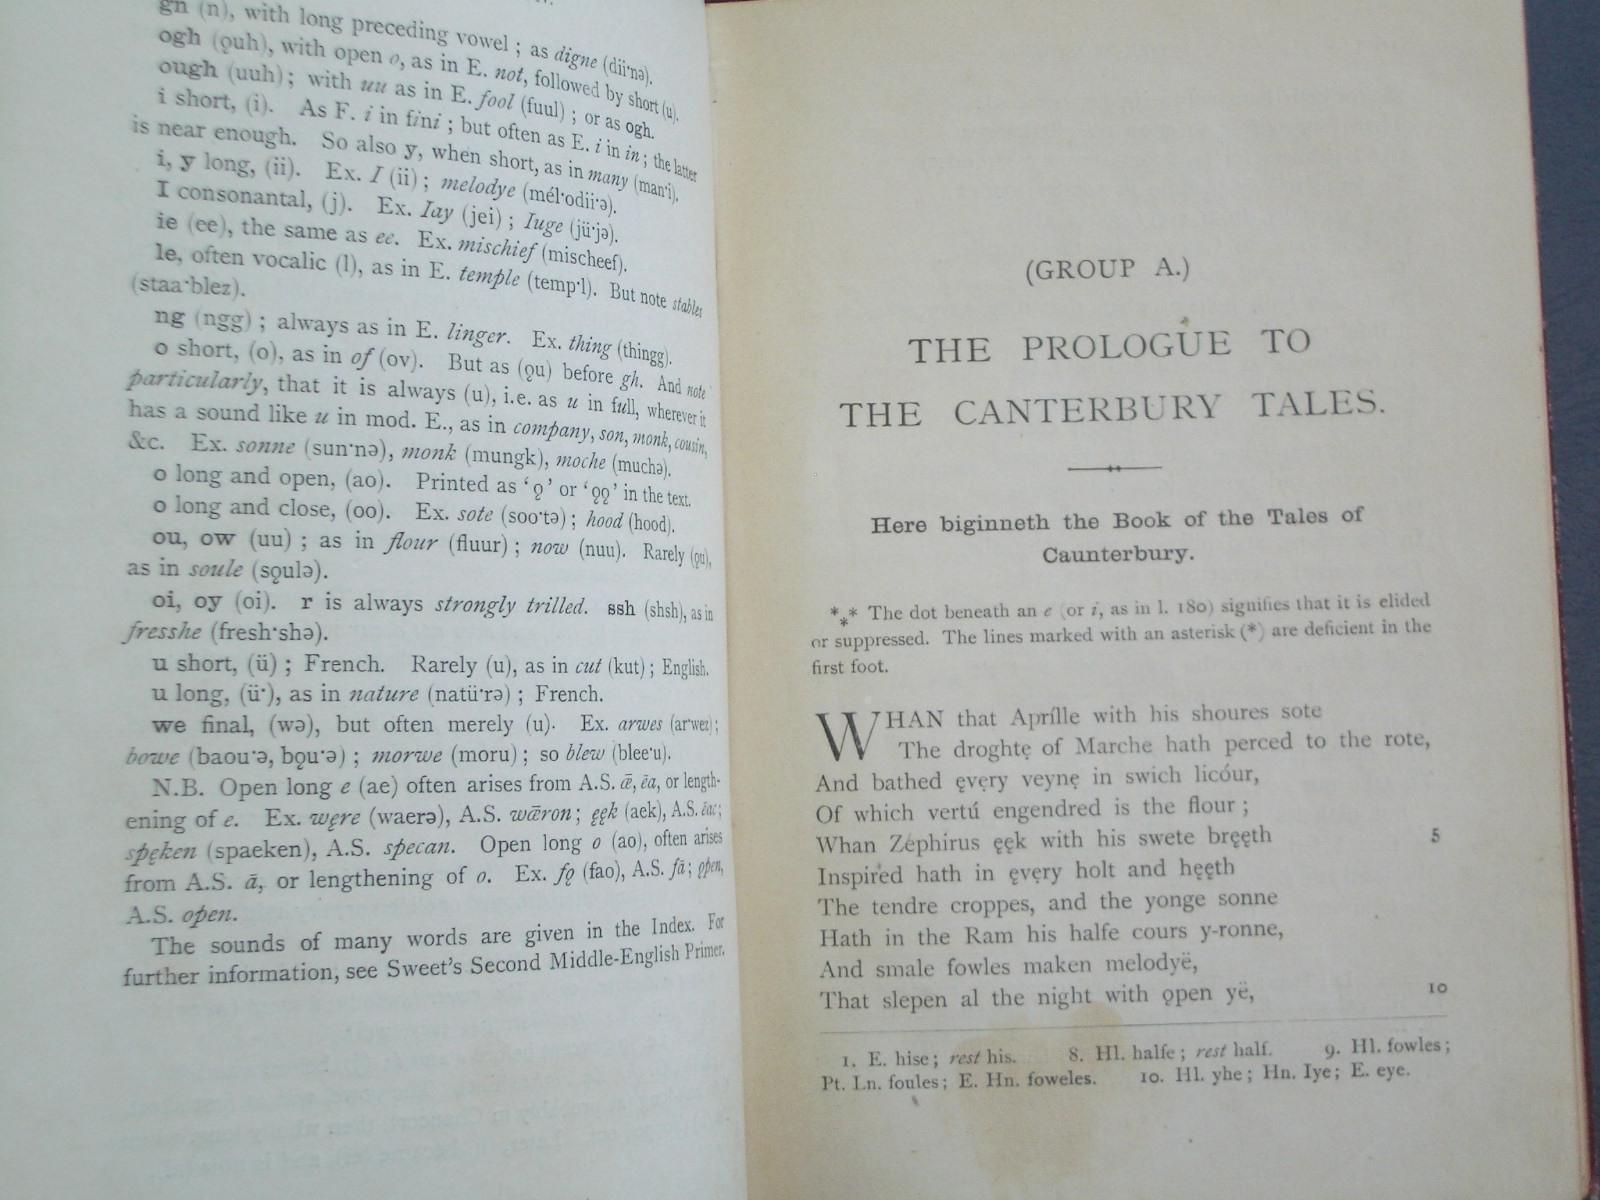 canterbury tales prologue old english